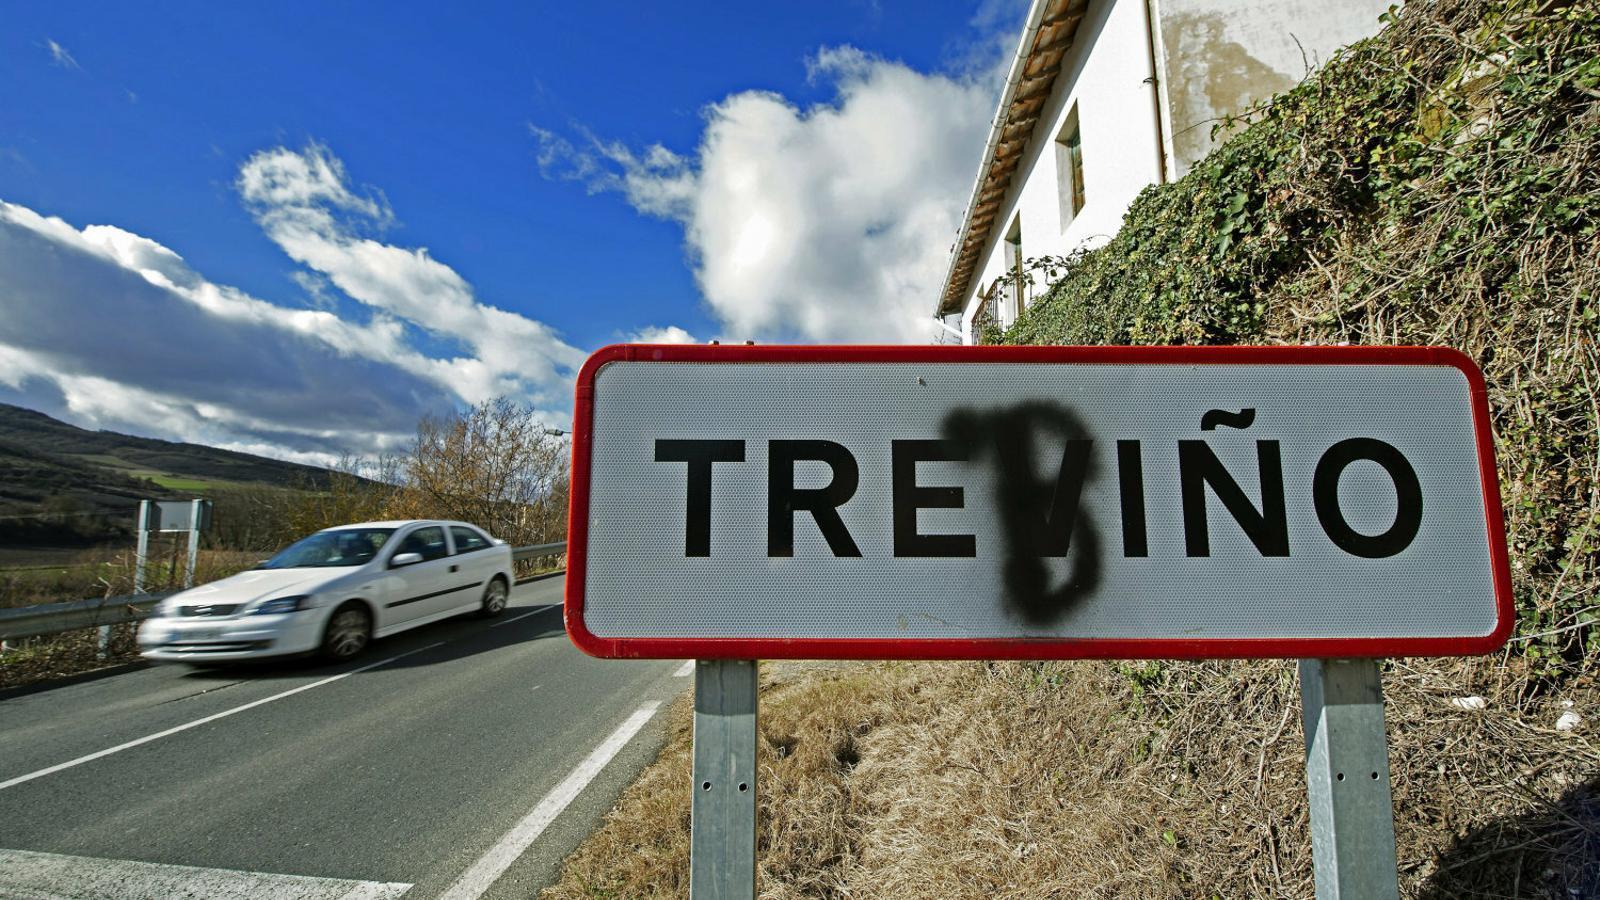 Cartell al municipi de Trebiño, on algú ha escrit una b a sobre de la v del castellà.